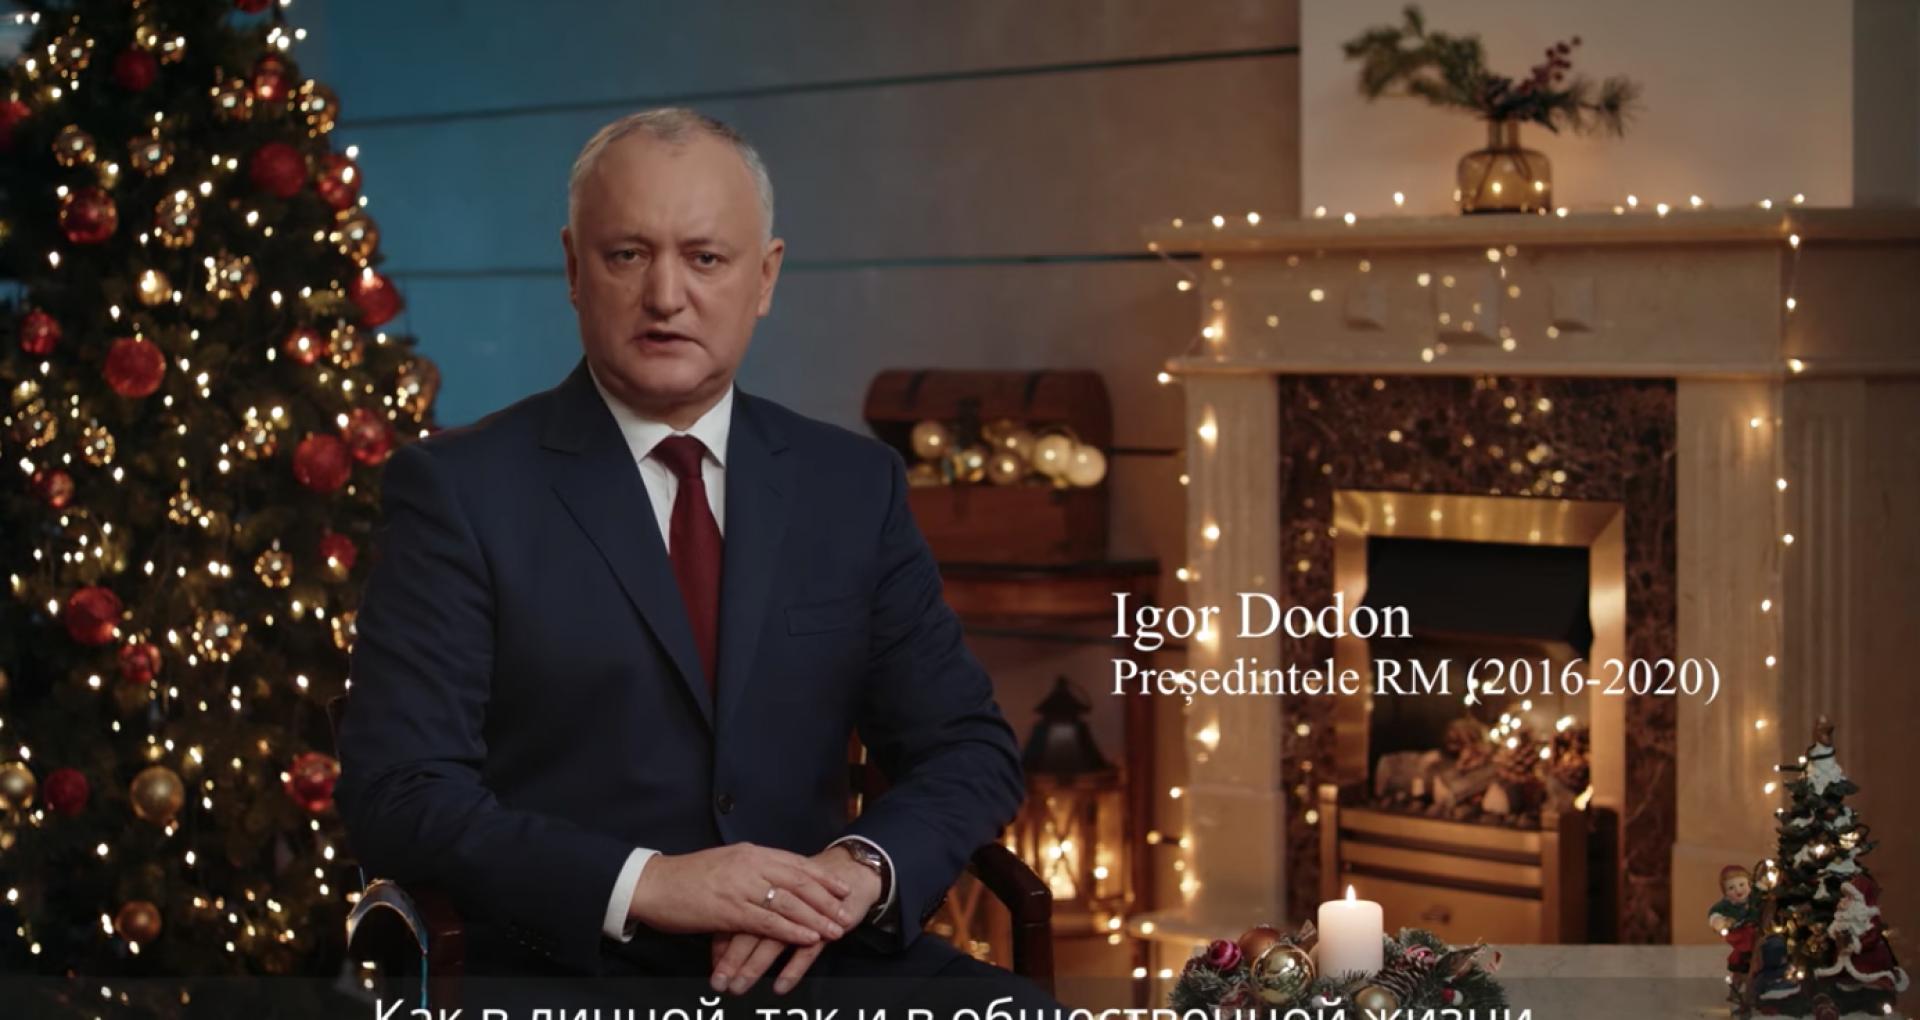 VIDEO/ Igor Dodon a transmis un mesaj de Revelion în calitate de președinte PSRM. Va fi difuzat în noaptea dintre ani de holdingul media afiliat socialiștilor